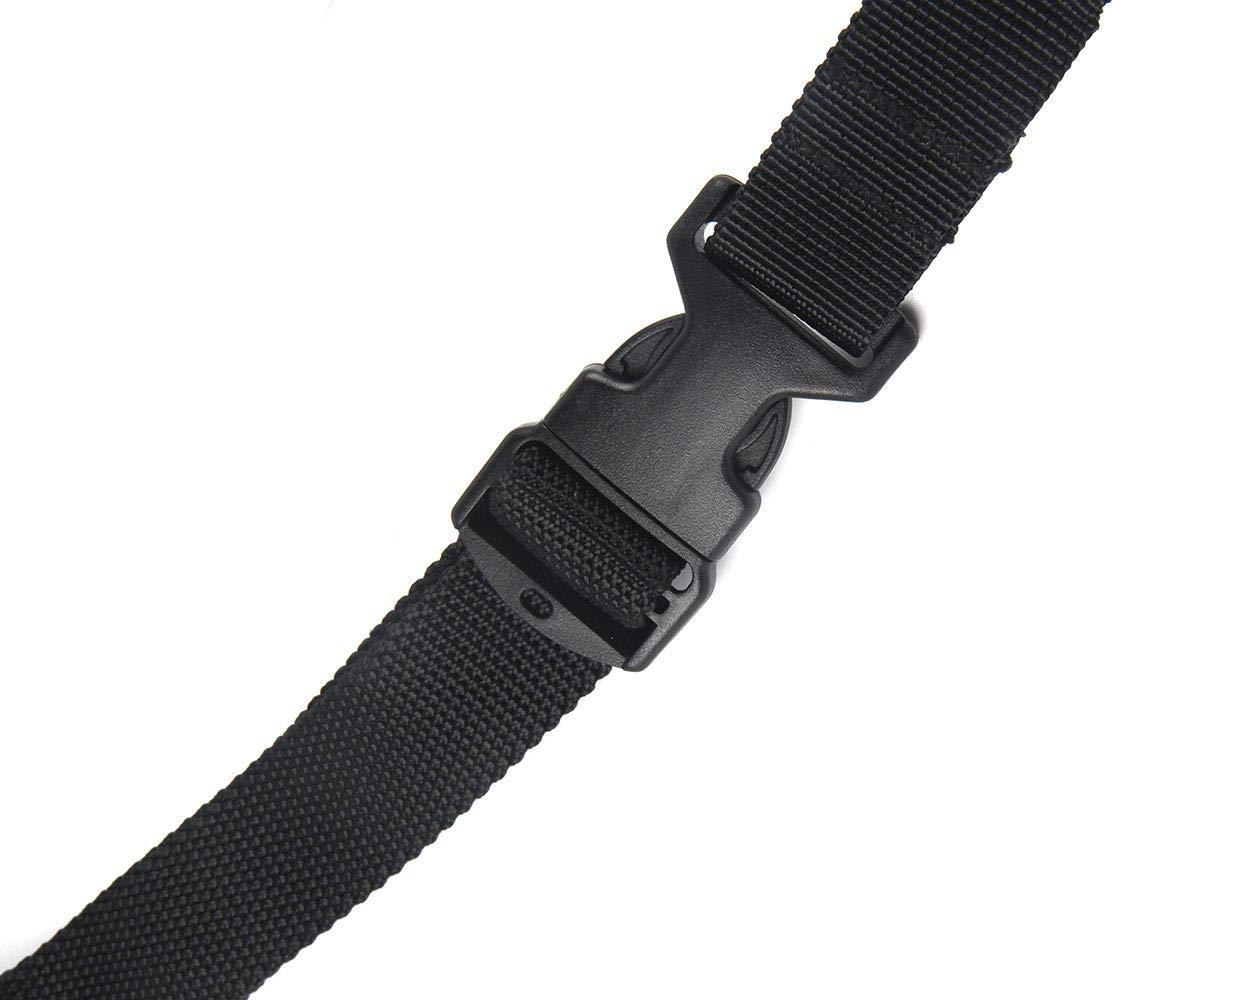 Oleader 1 punto Rifle Sling multiusos pistola ajustable correa de hombro cuerda con cord/ón el/ástico para la caza Camping Deportes al aire libre negro